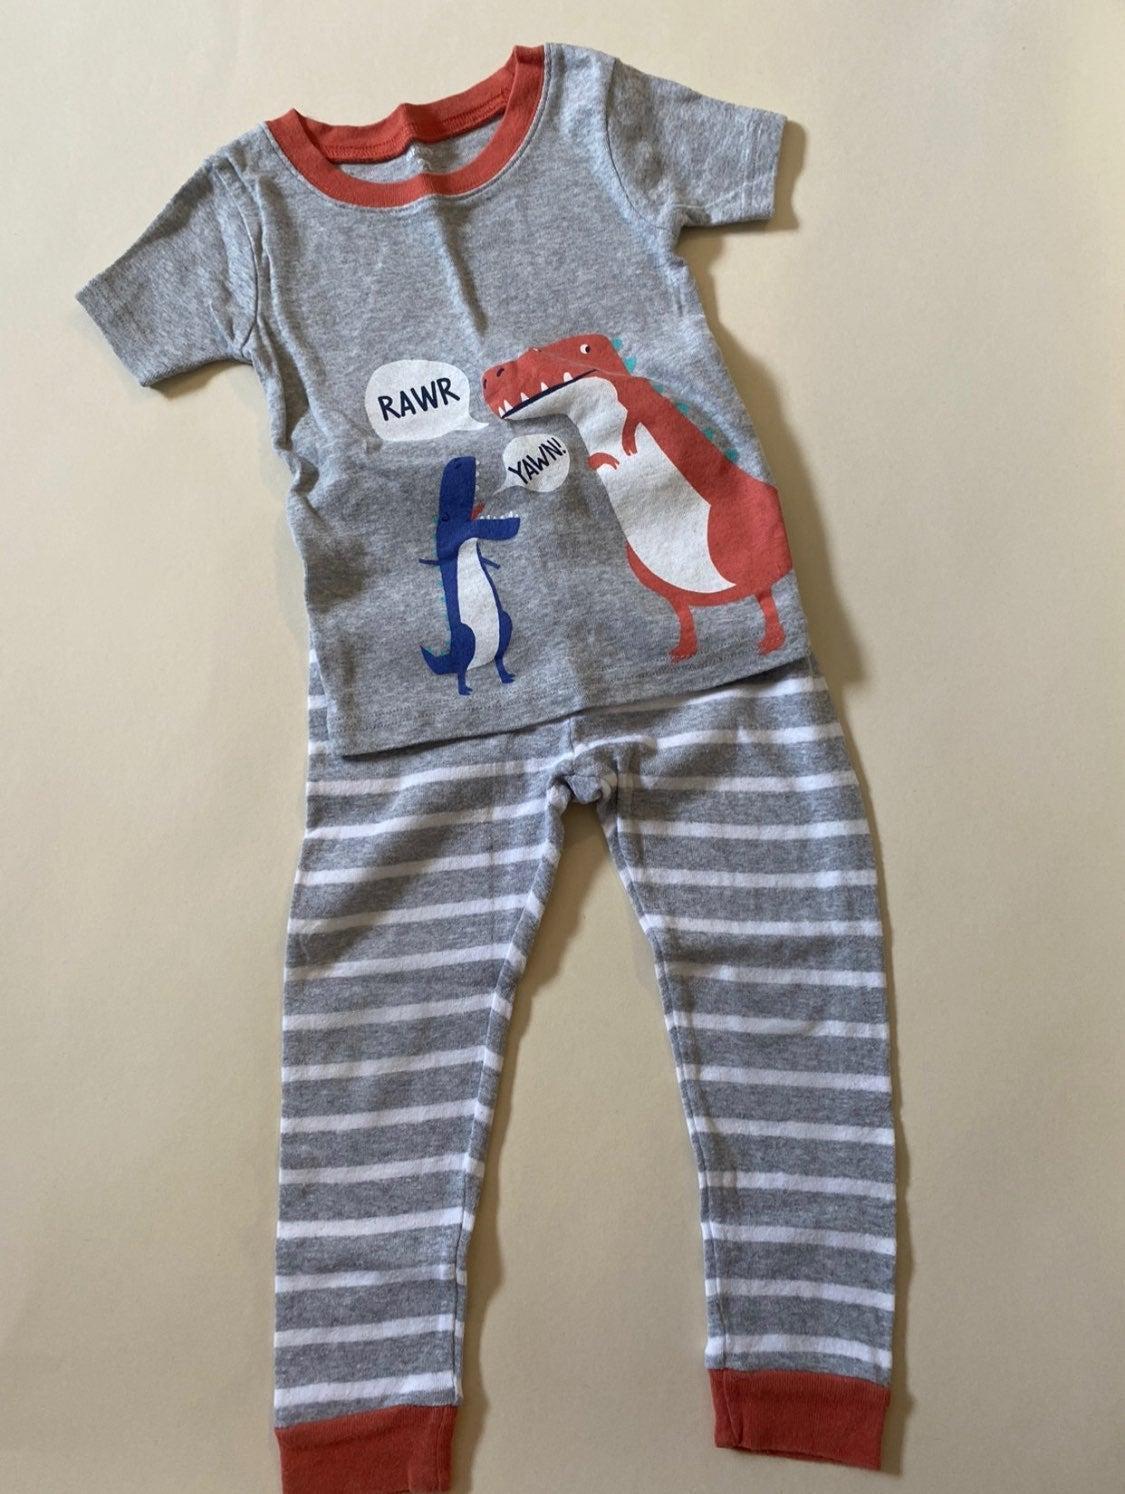 Carter's toddler pajamas